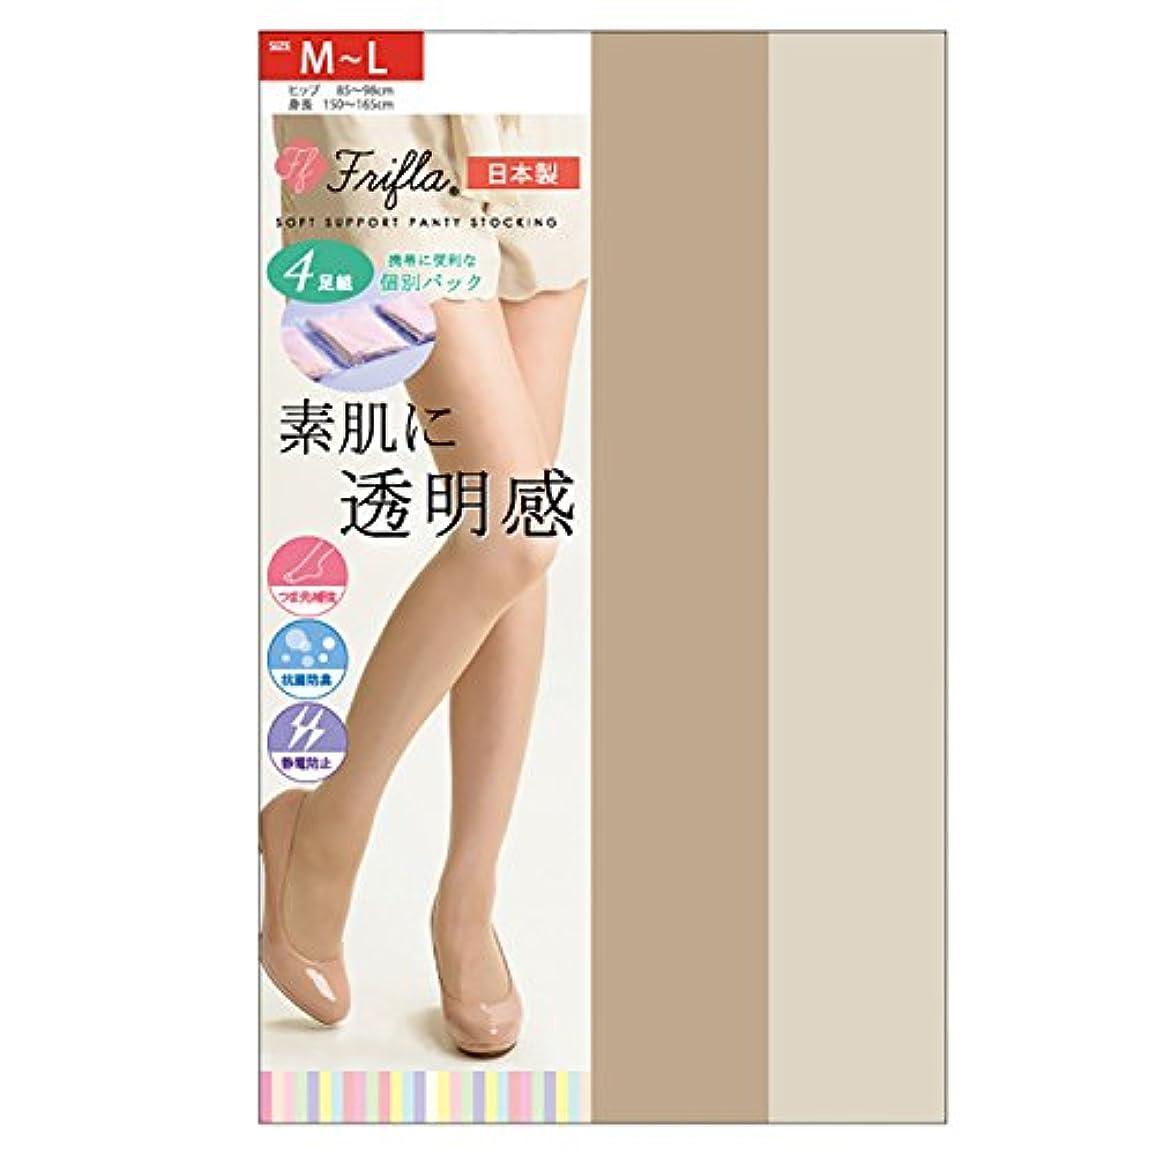 食用相互恐怖症素肌に透明感 ソフトサポートタイプ 交編ストッキング 4足組 日本製-素肌感 個包装 抗菌防臭 静電気防止 M-L L-LL パンスト (M-L, ピュアベージュ)